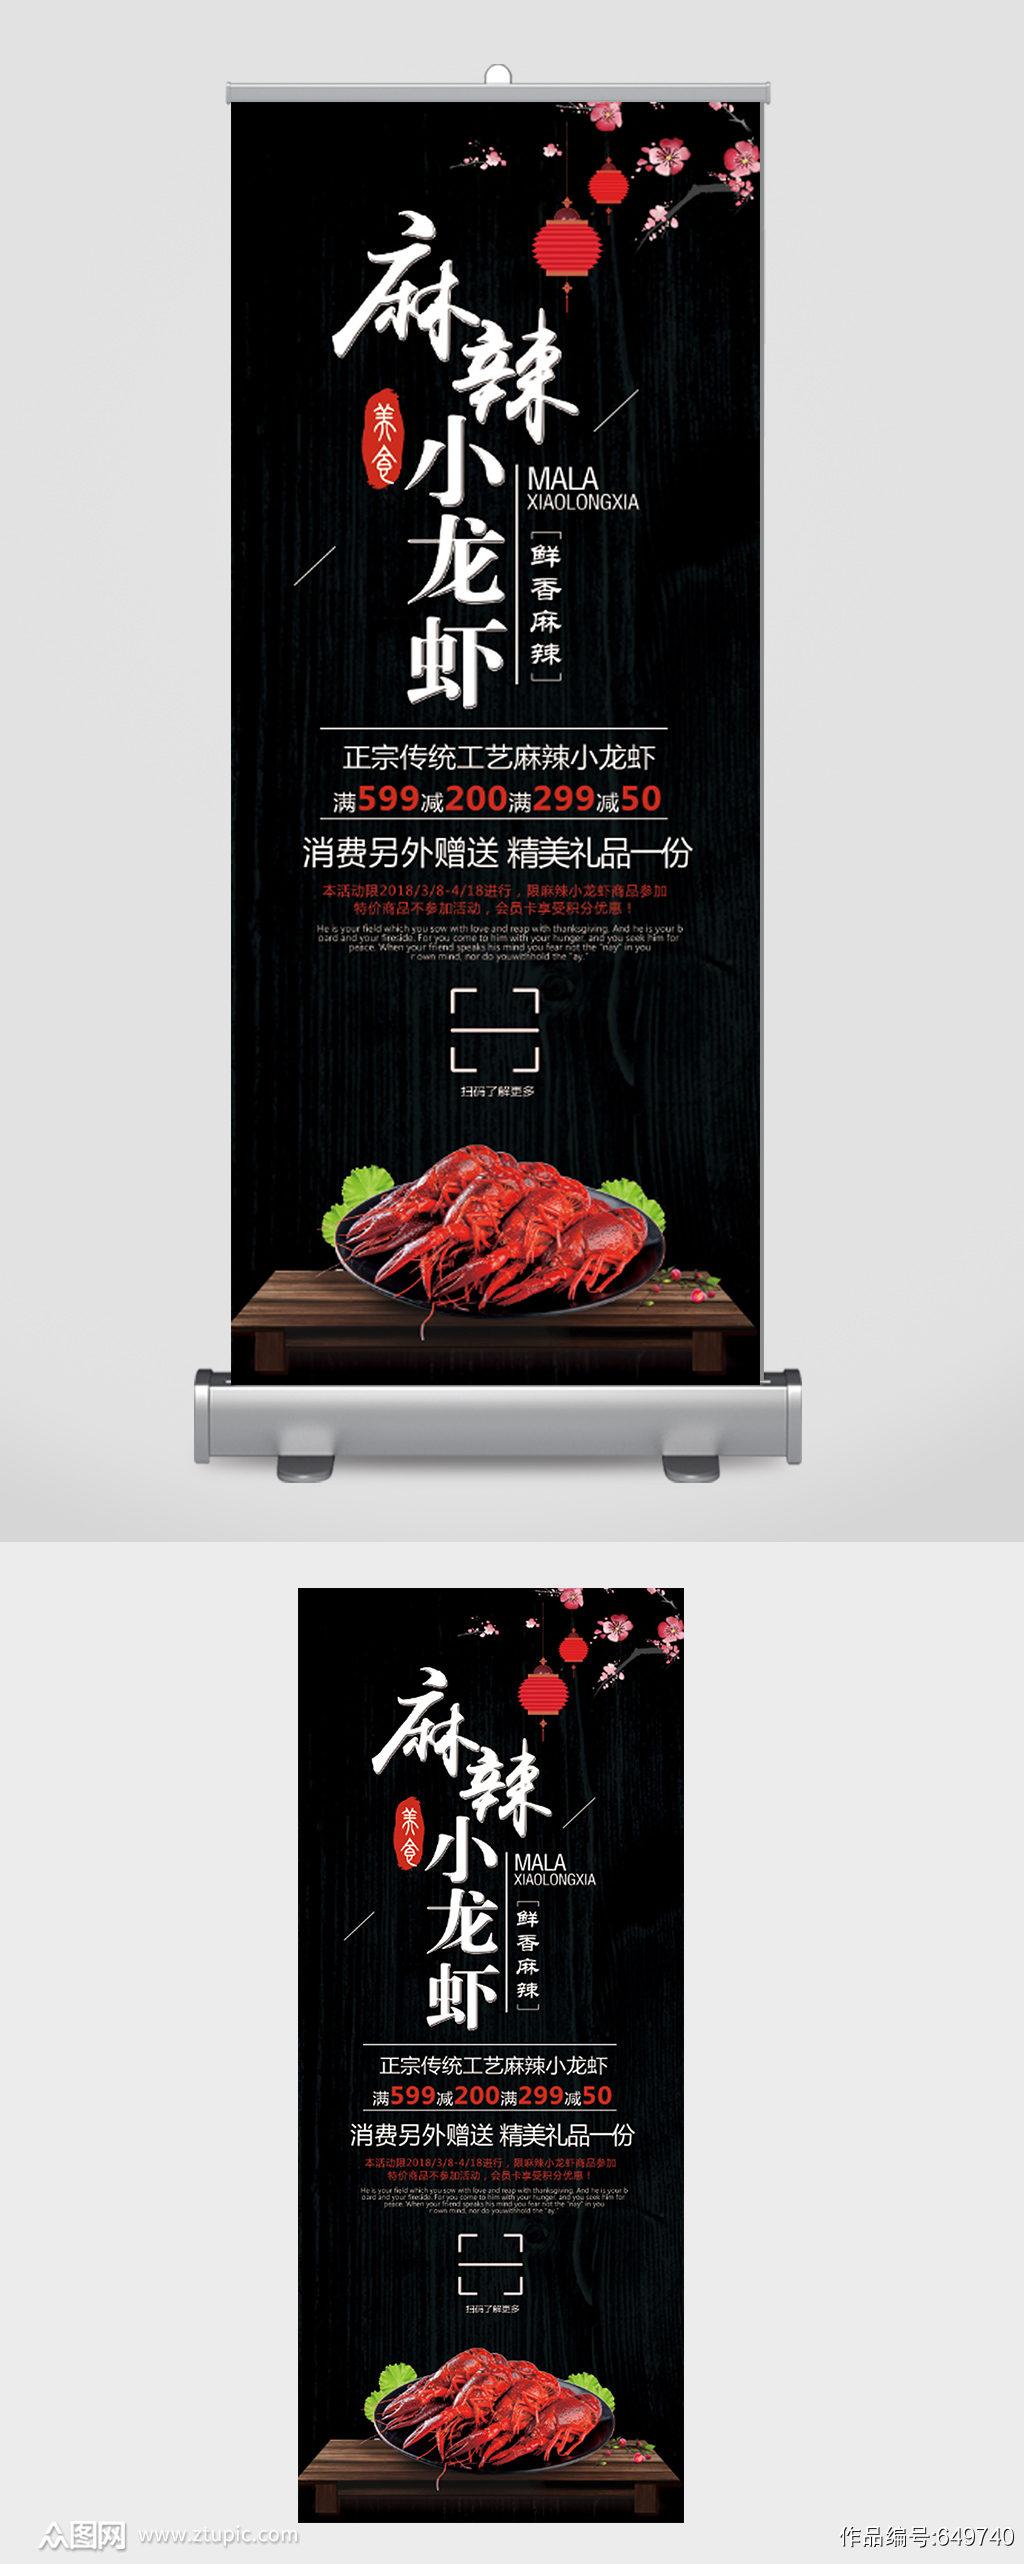 麻辣小龙虾时尚美食展架素材